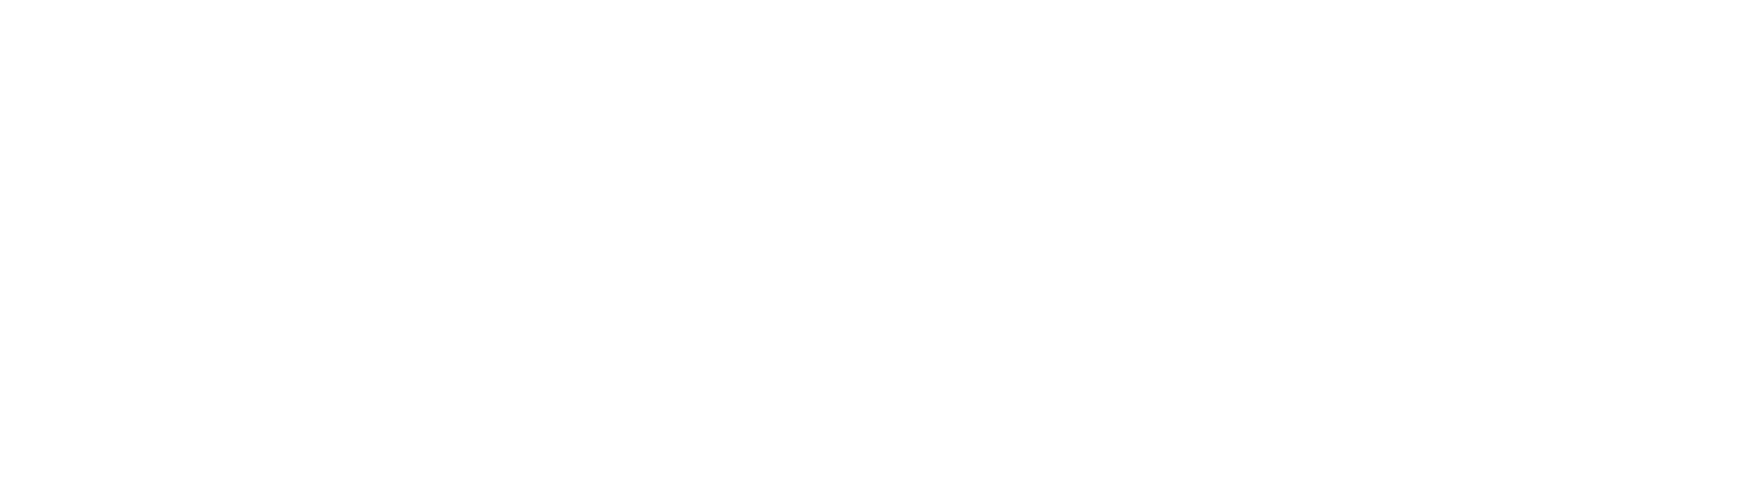 FXTRADING